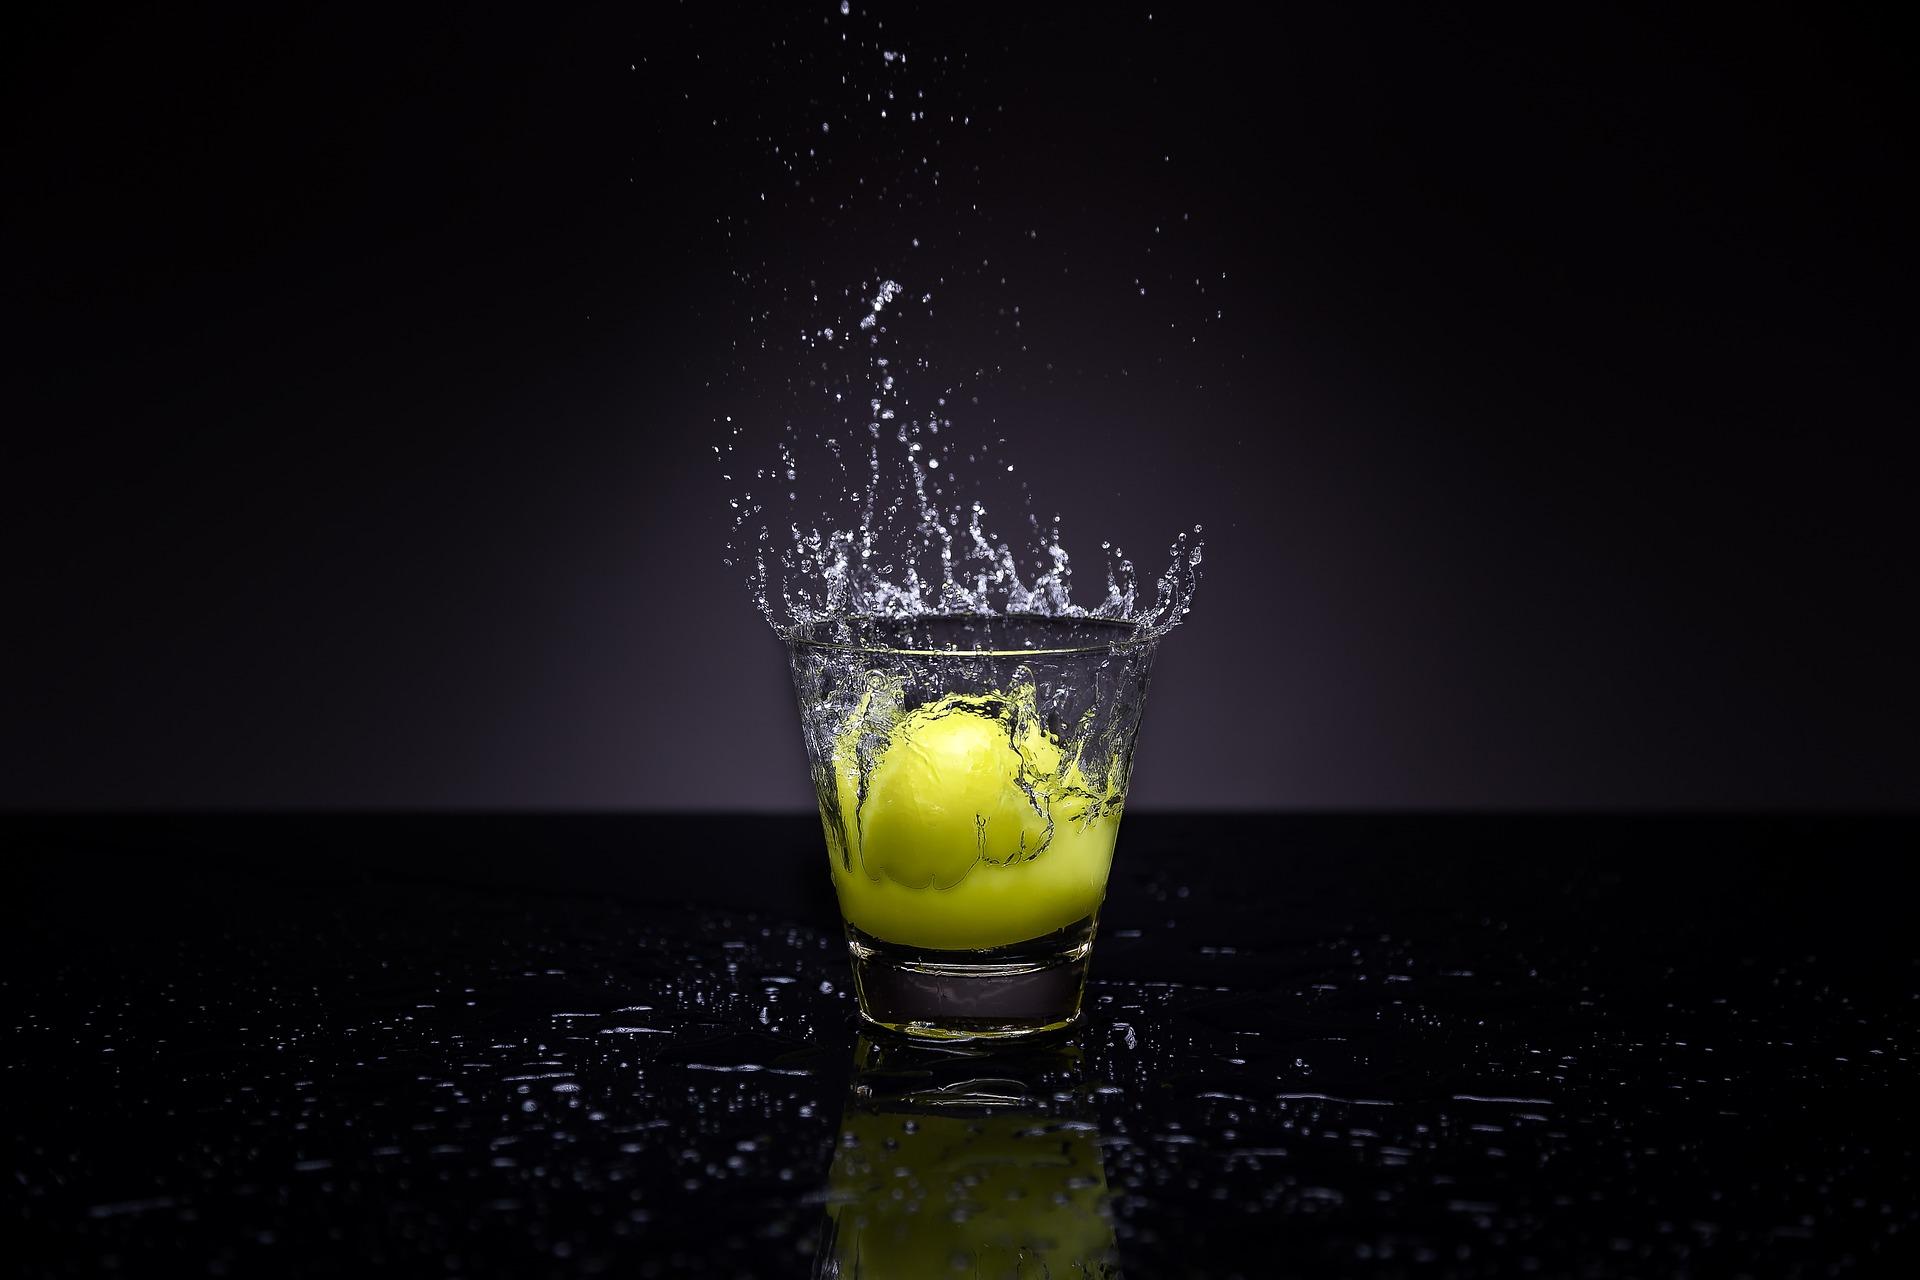 Wasser, Glas, Zitrone, Tropfen, Splash - Wallpaper HD - Prof.-falken.com